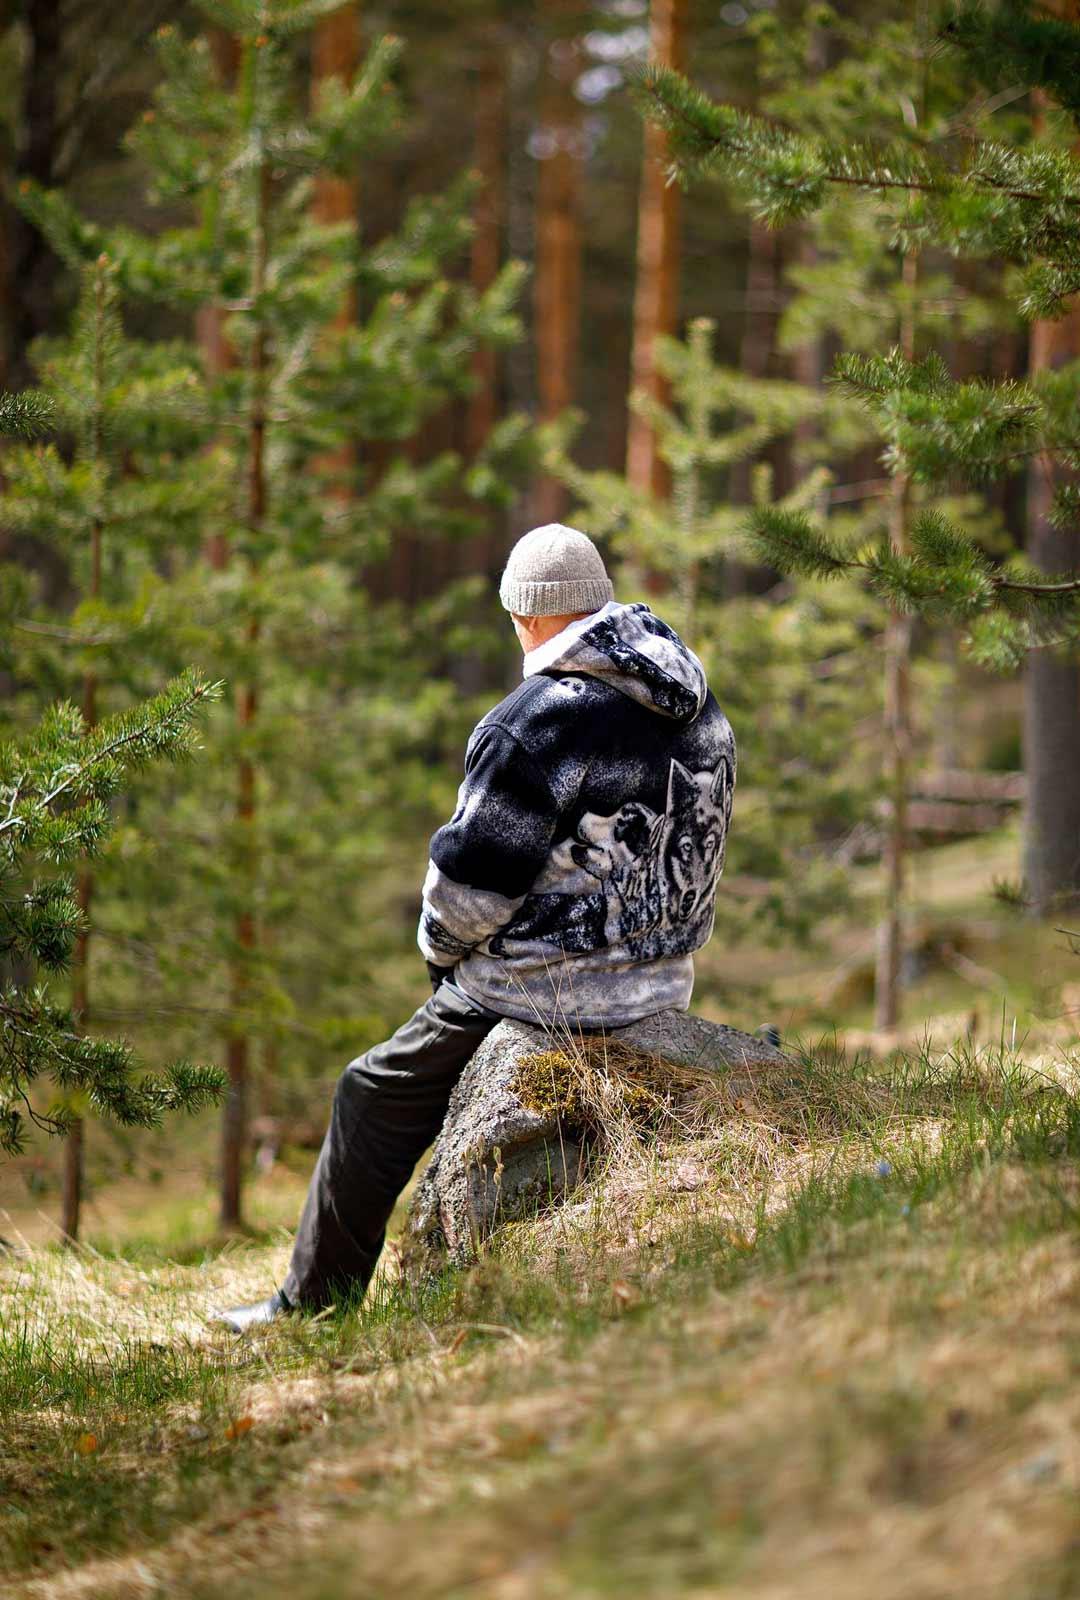 Petetty Pauli palasi yksin Suomeen. Talo Thaimaassa meni, mutta avioehto suojaa Paulin omaisuuden Suomessa.